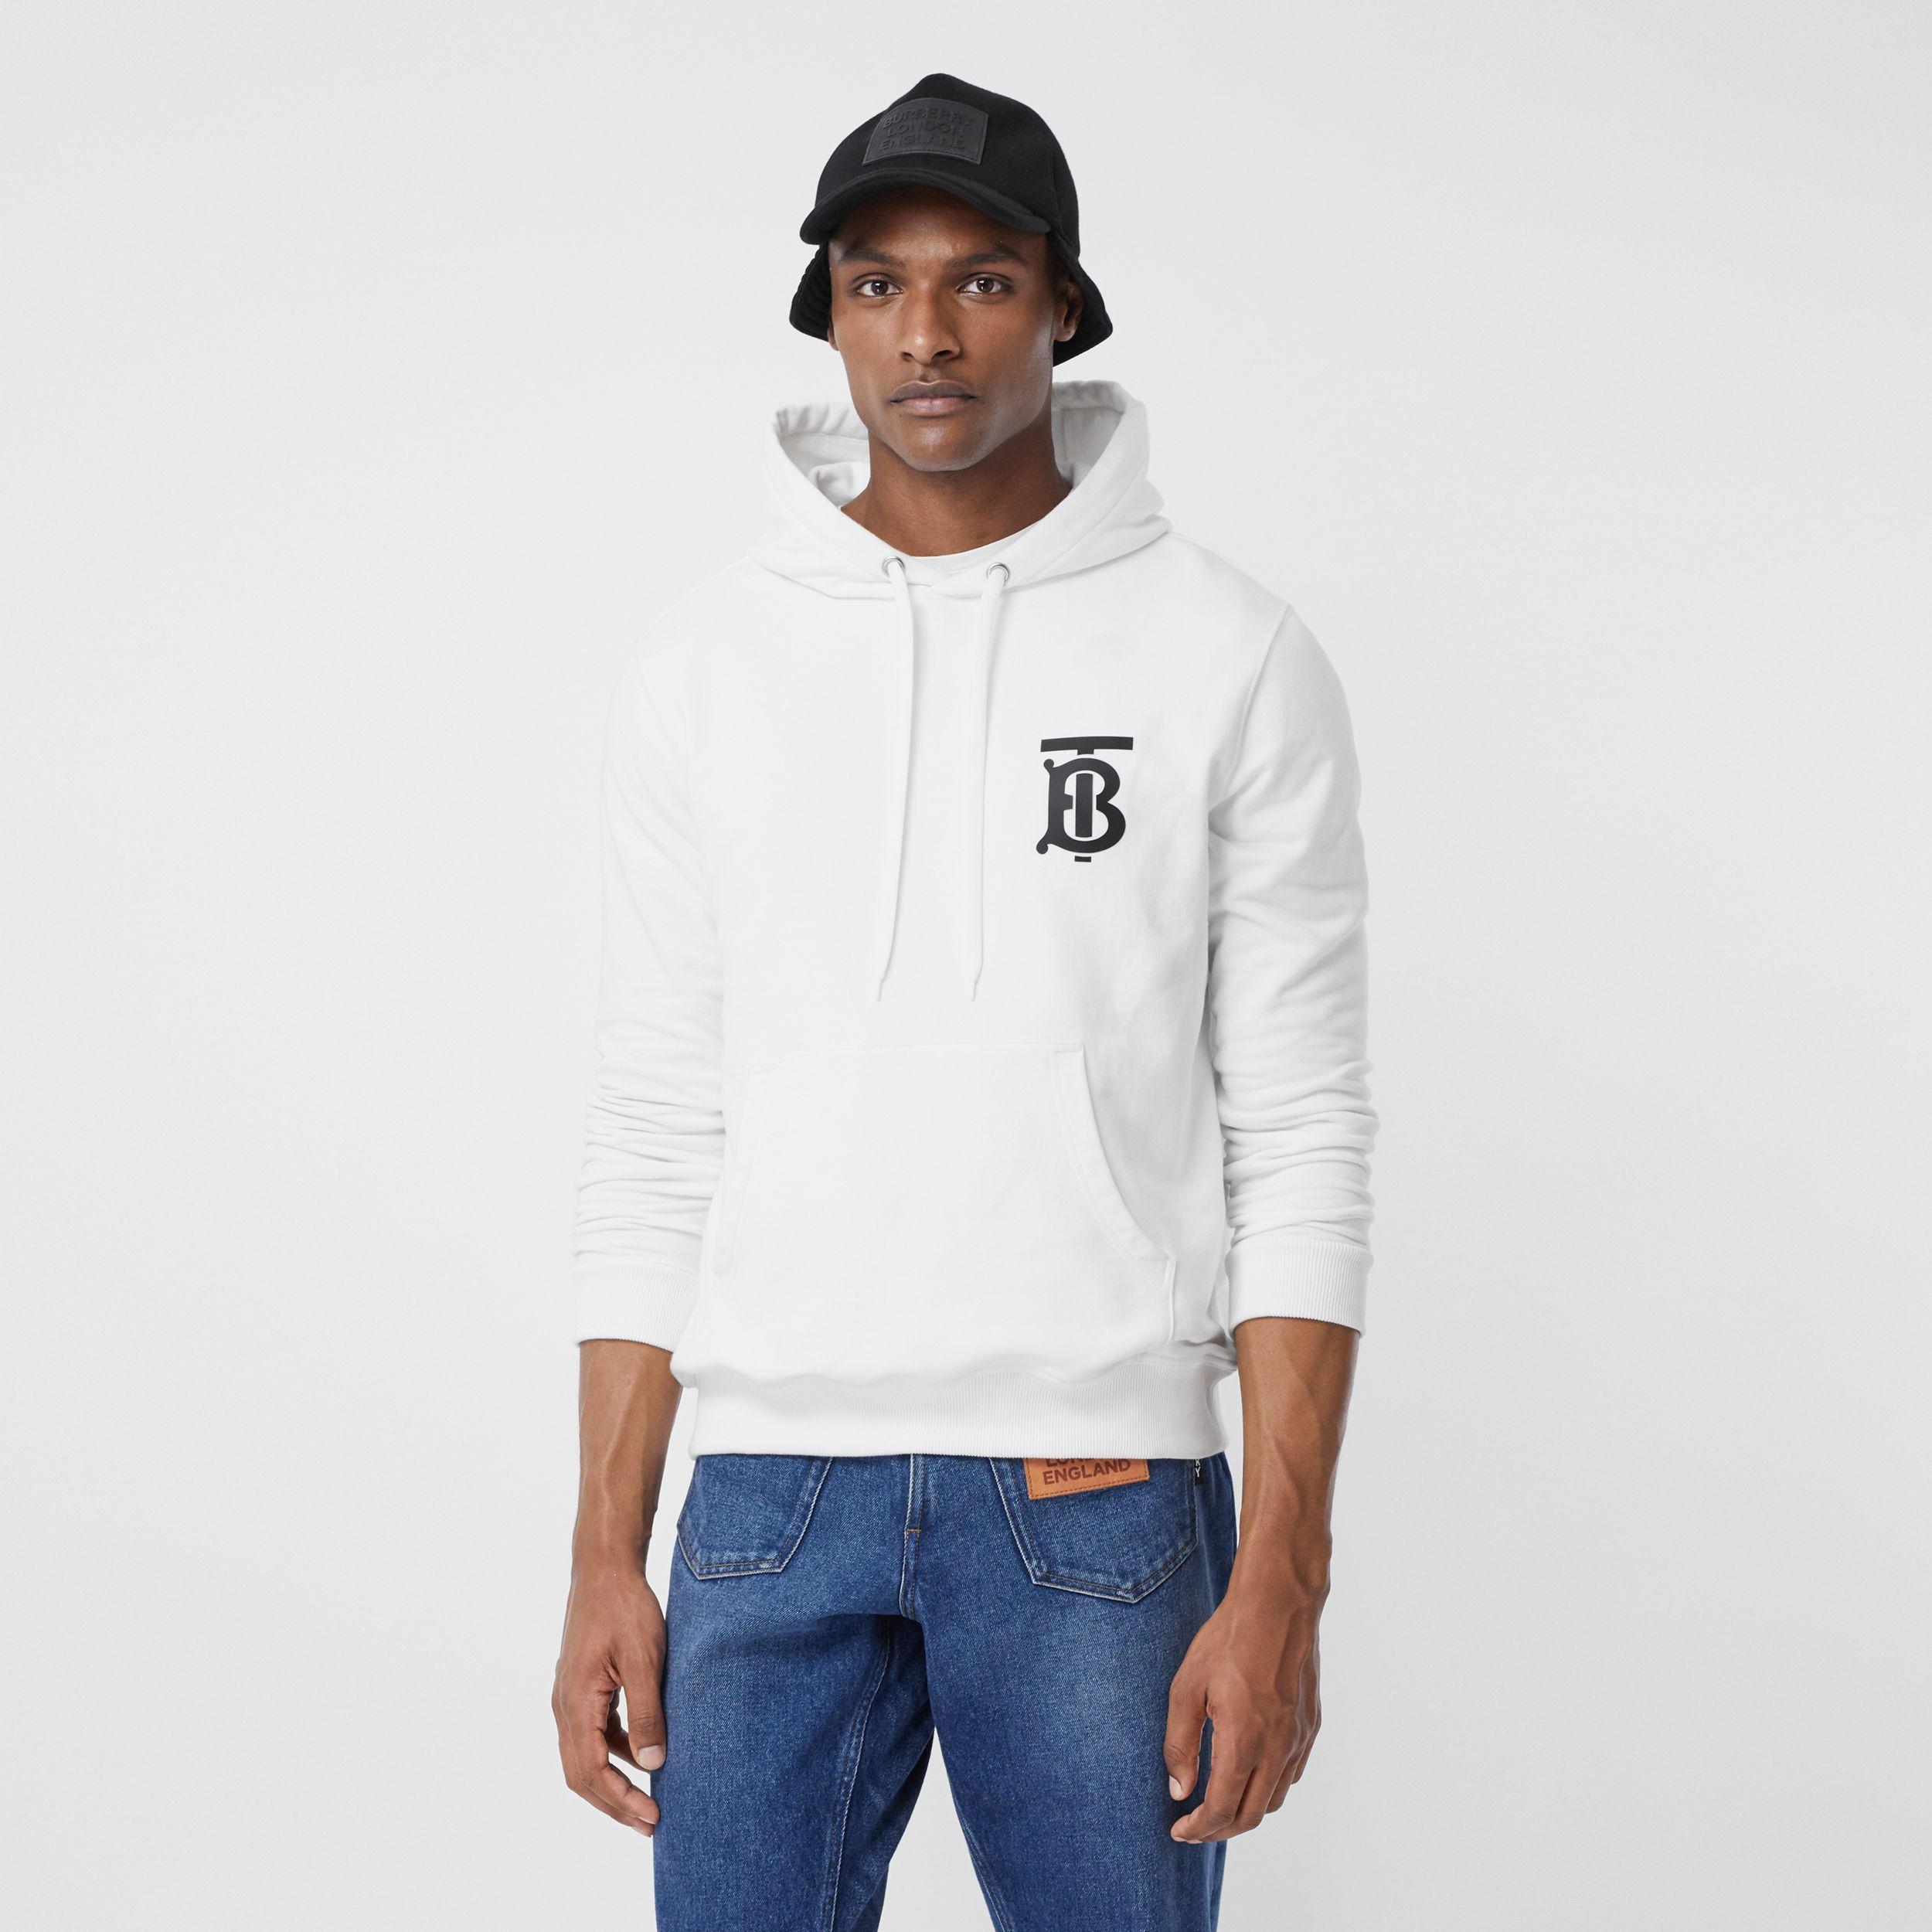 Men S Designer Hoodies Sweatshirts Burberry Official Hoodies Men Hoodie Design Cotton Hoodie [ 2500 x 2500 Pixel ]